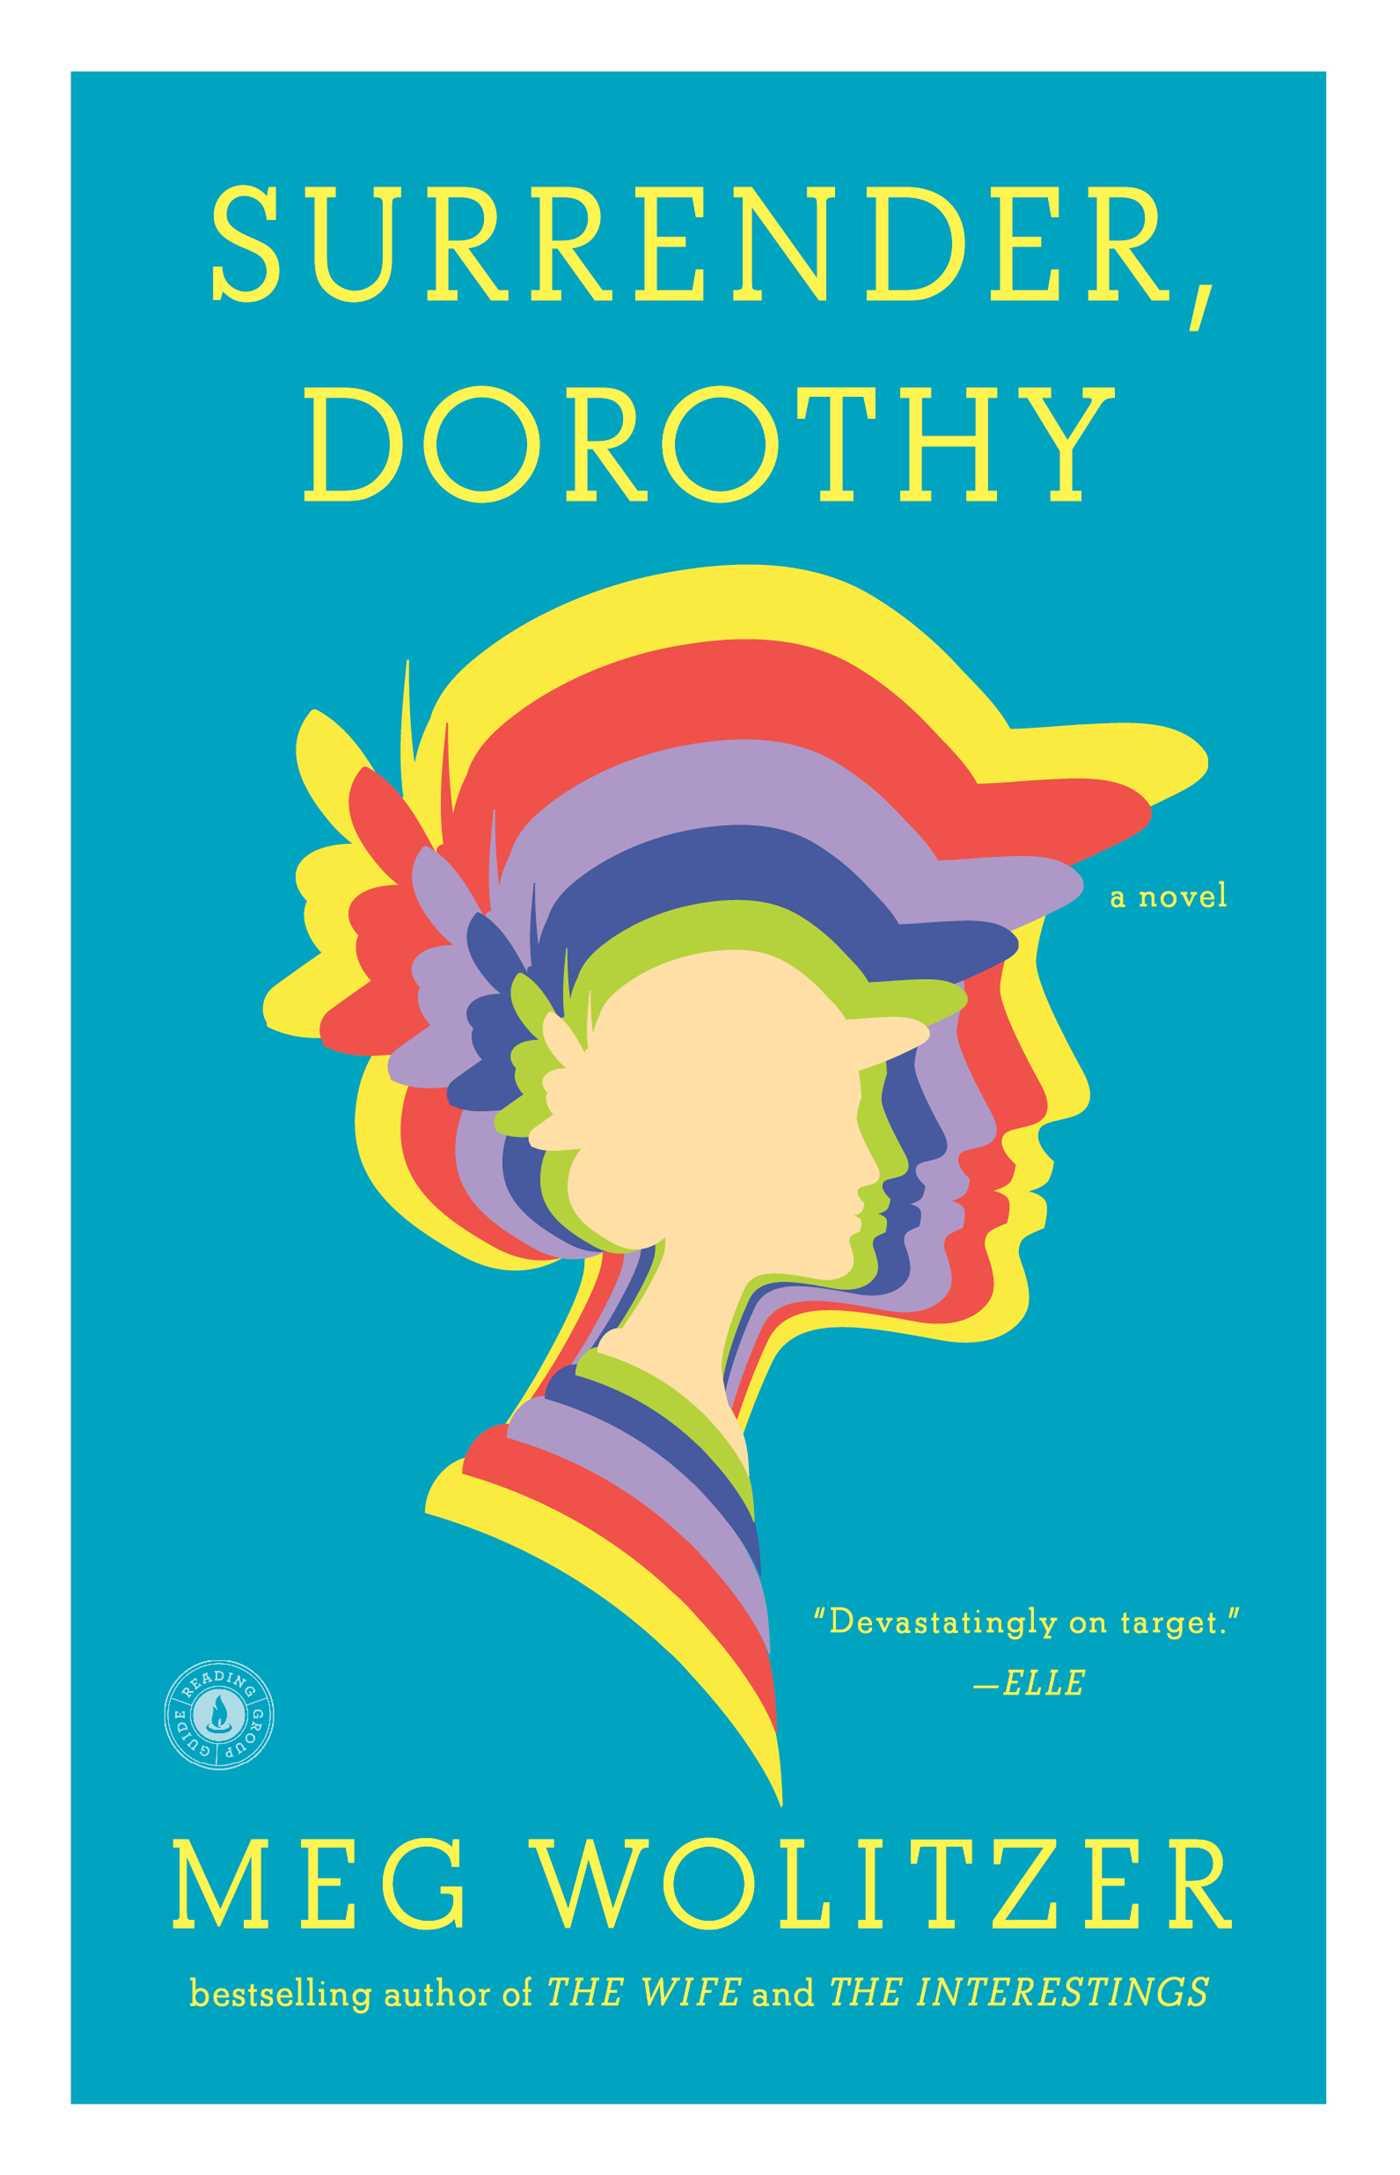 Book Cover Image (jpg): Surrender, Dorothy